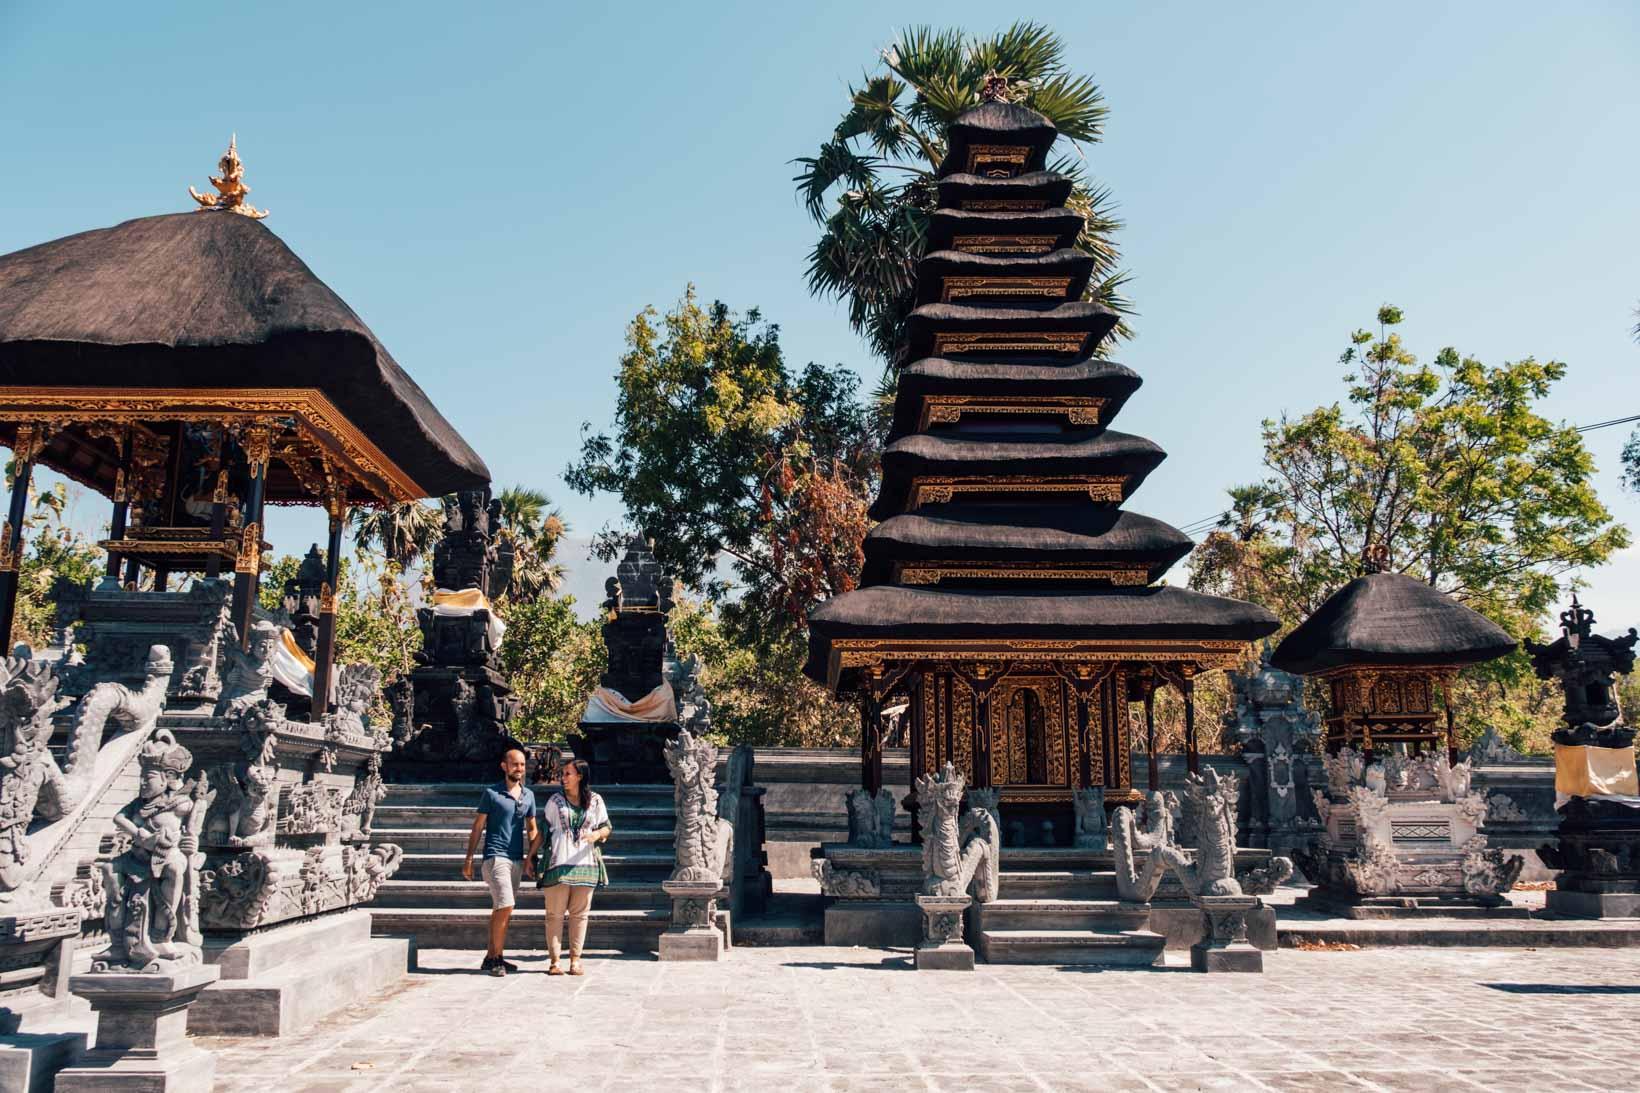 Tempio nei dintorni di Amed Bali